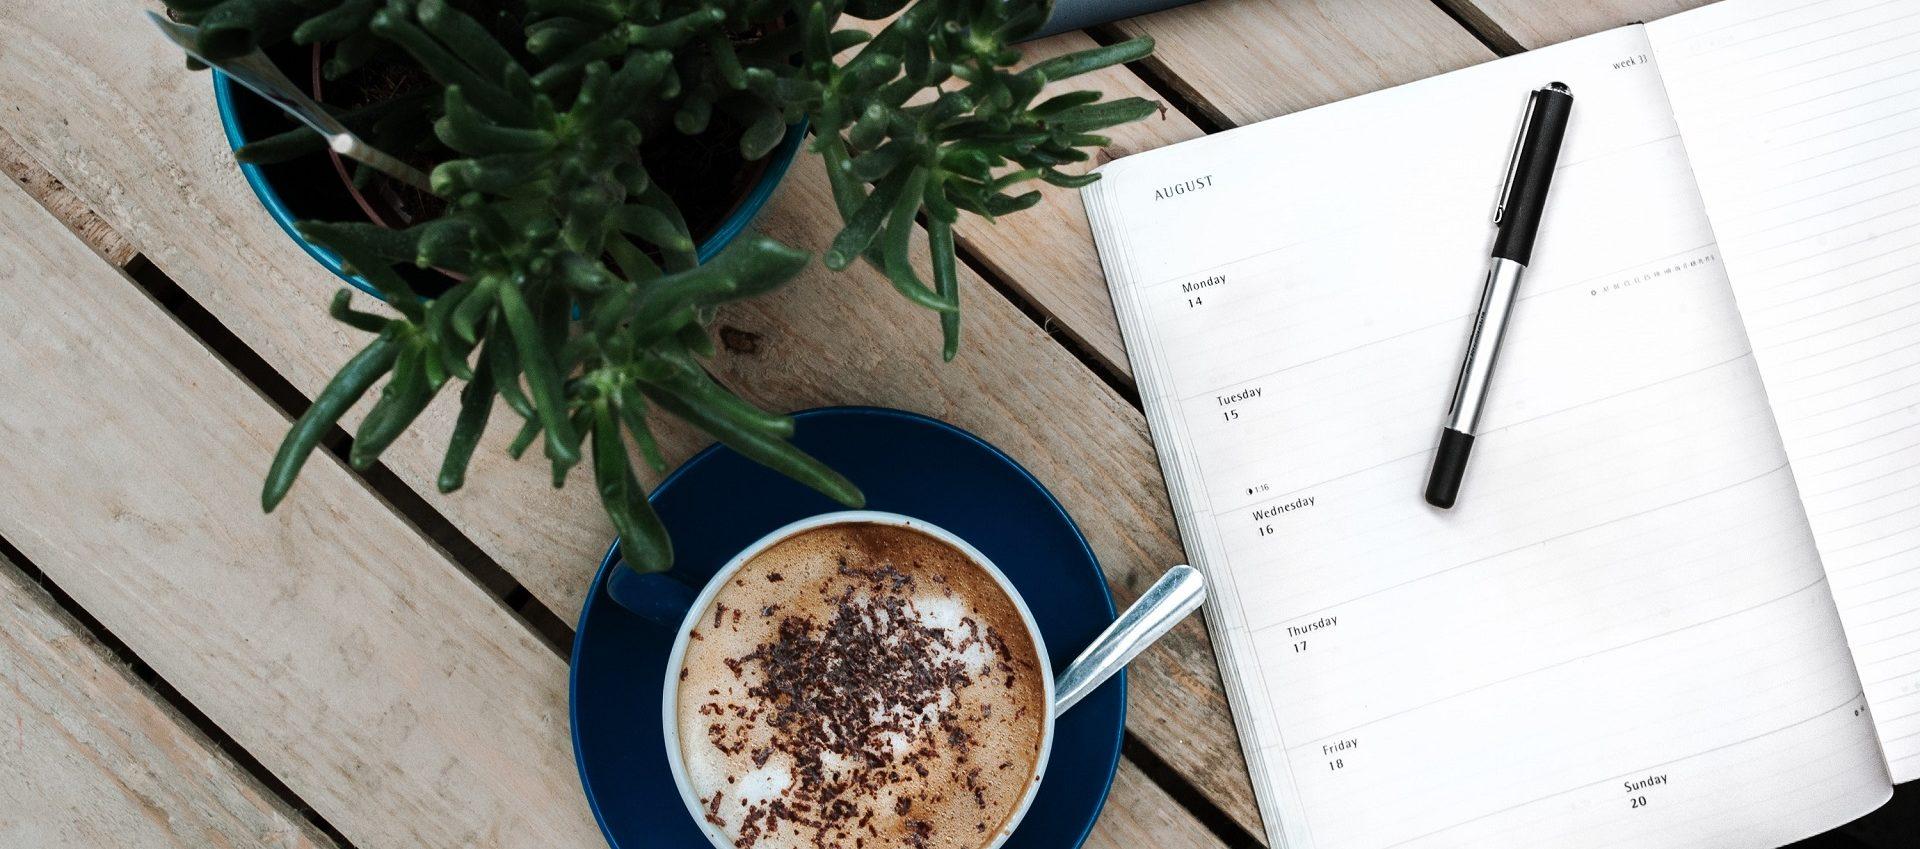 planowanie, zalety planowania, pułapki planowania, niebezpieczeństwa planowania, jak planować, wszystko o planowaniu, co warto wiedzieć o planowaniu, kiedy planować, jak planować